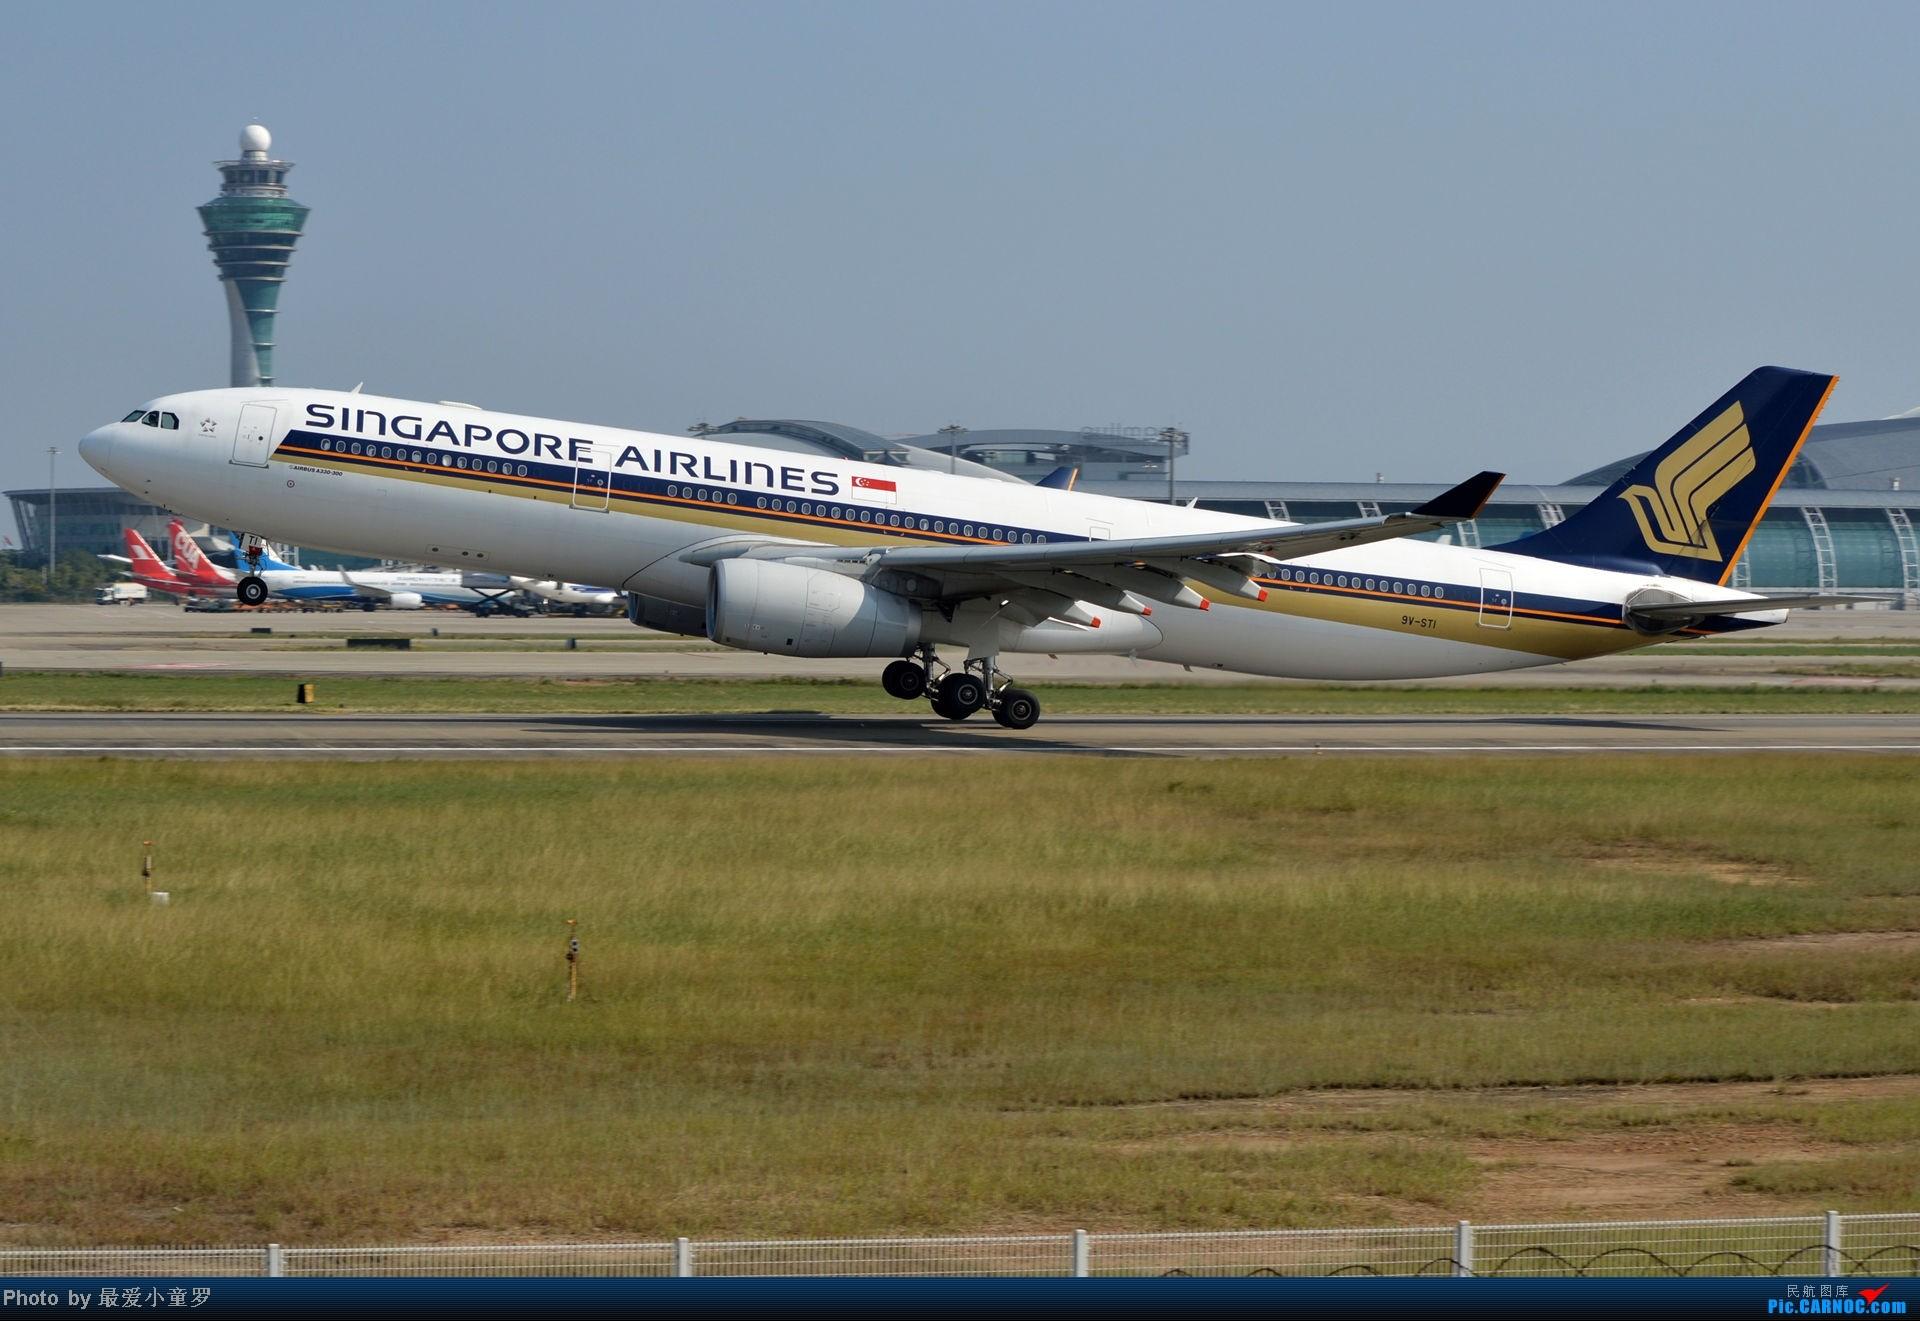 Re:[原创]老图系列,13年11月15日广州白云机场西跑拍机 AIRBUS A330-300 9V-STI